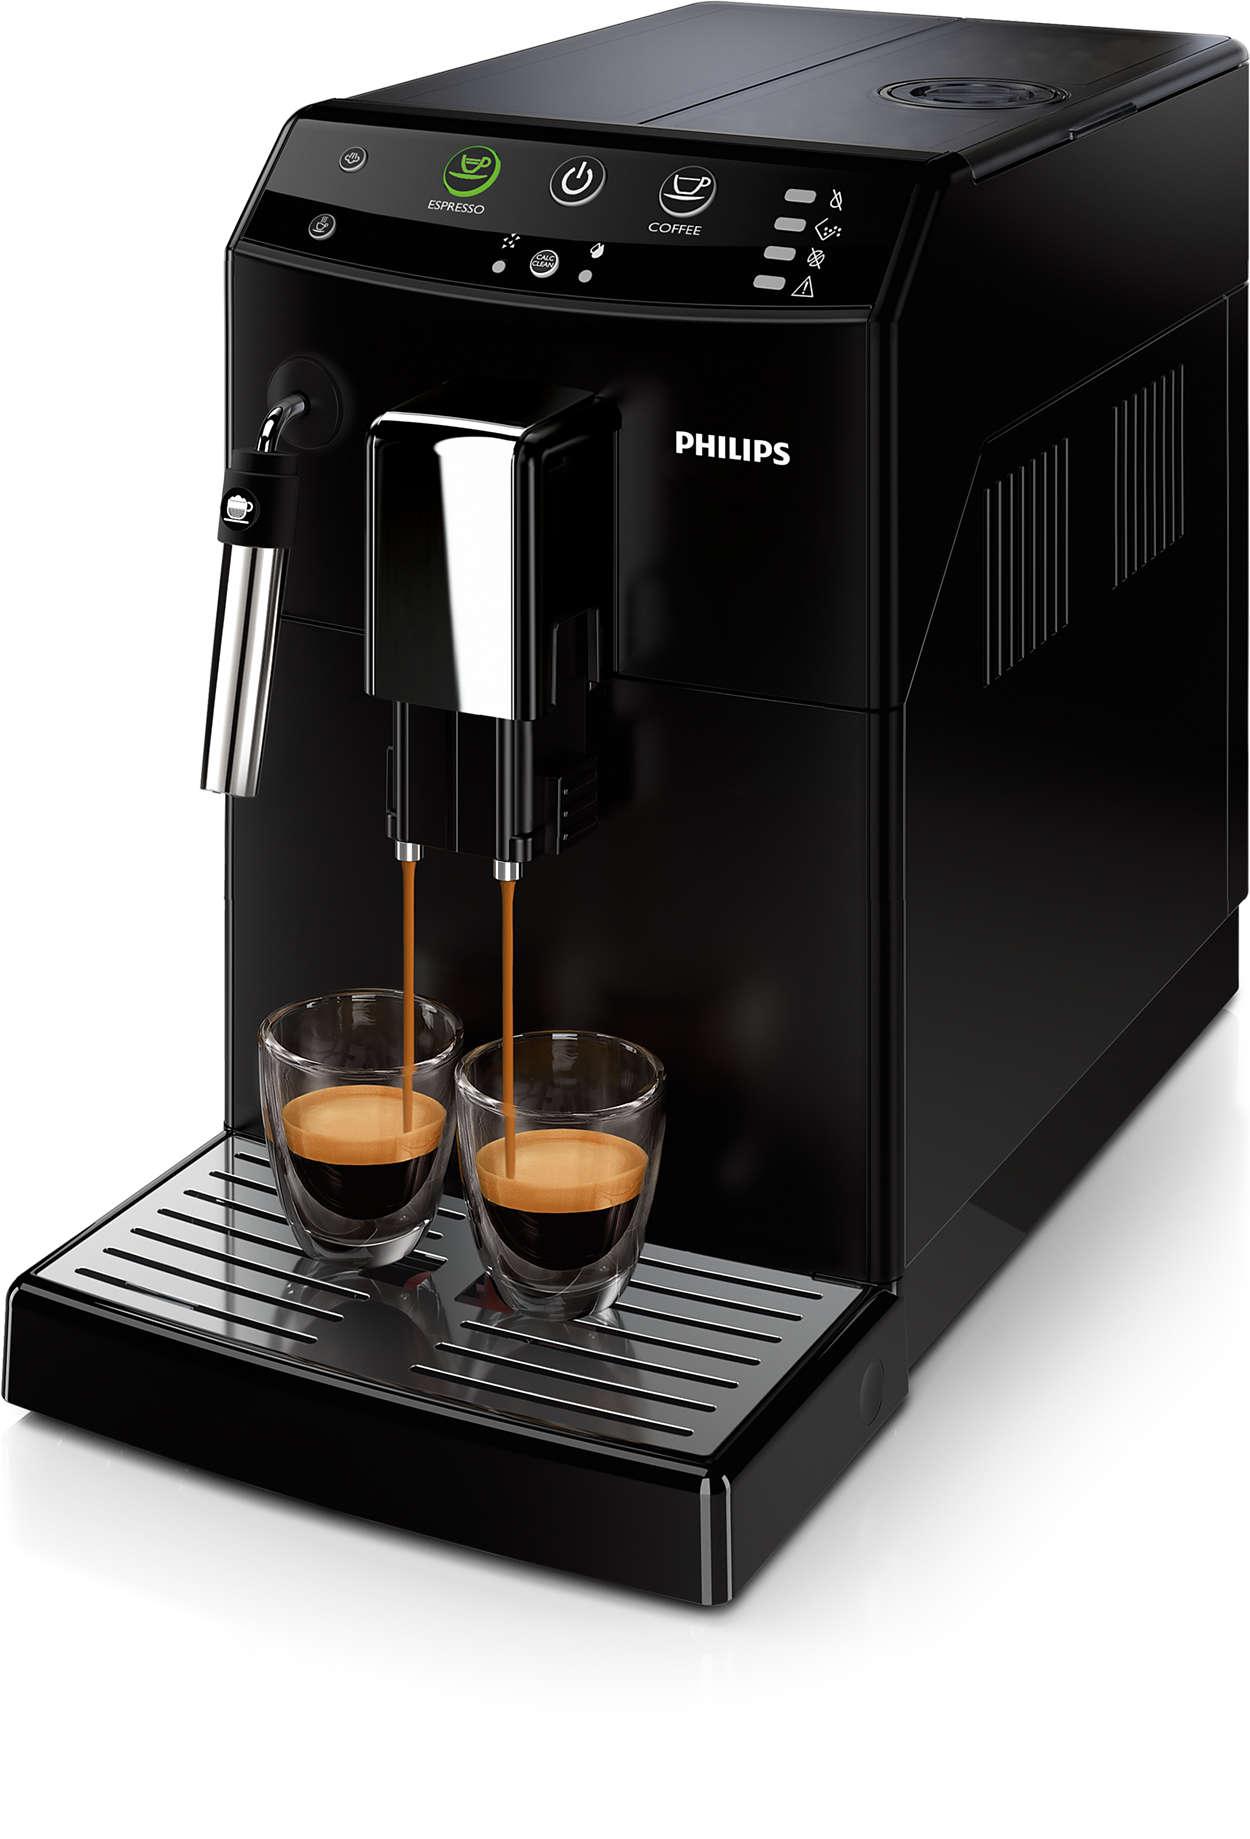 Ваша улюблена кава завжди на відстані одного дотику